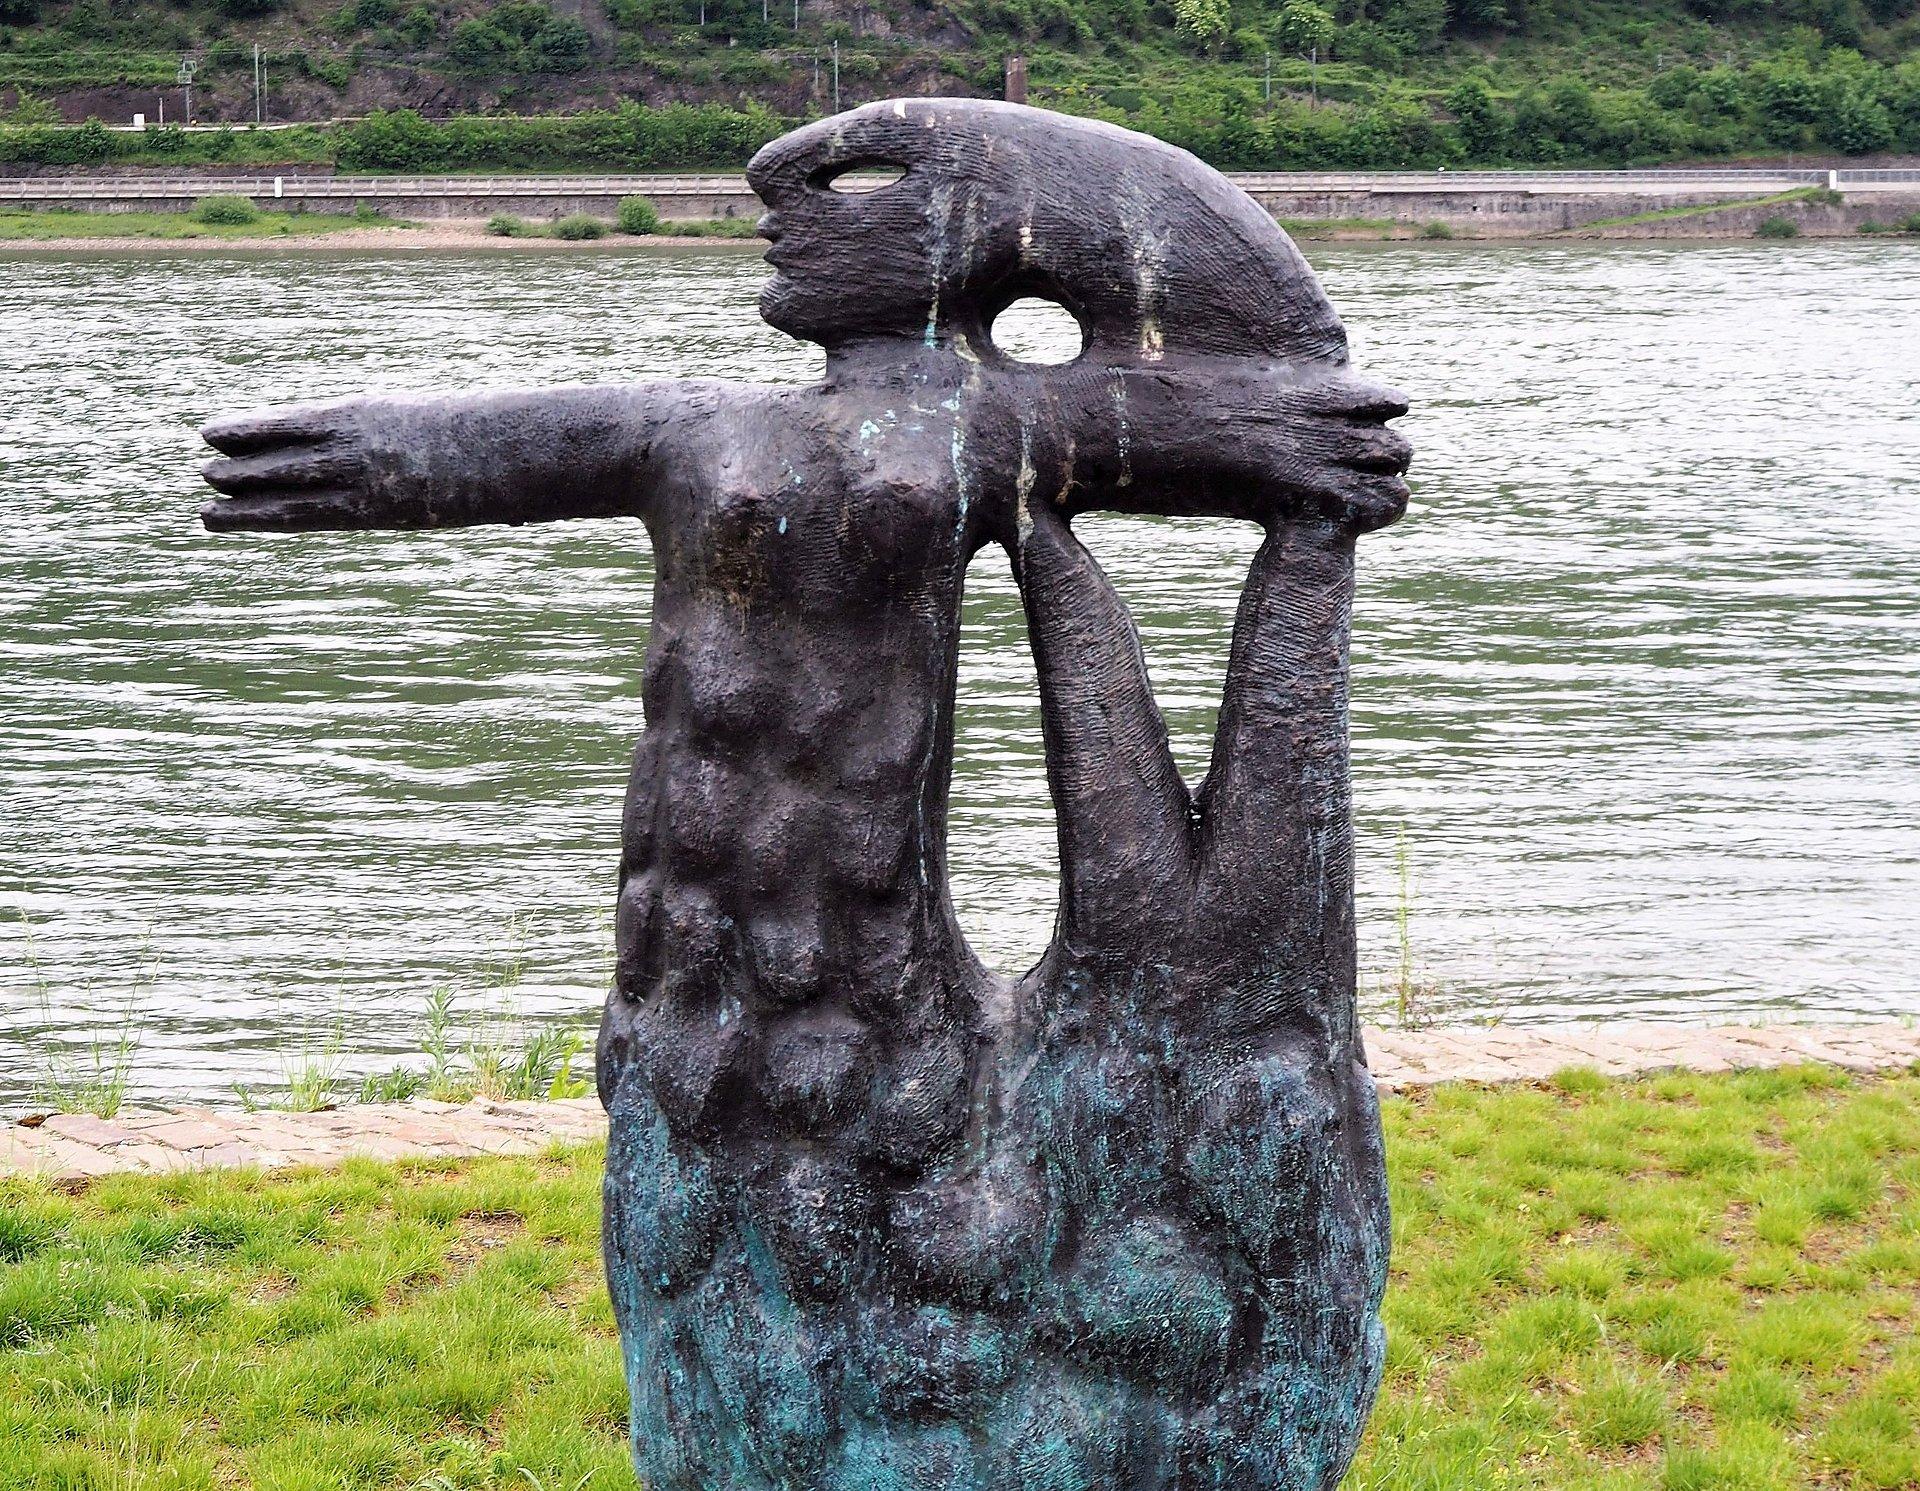 Metten-Skulptur der Loreley in Bacharach, Romantischer Rhein